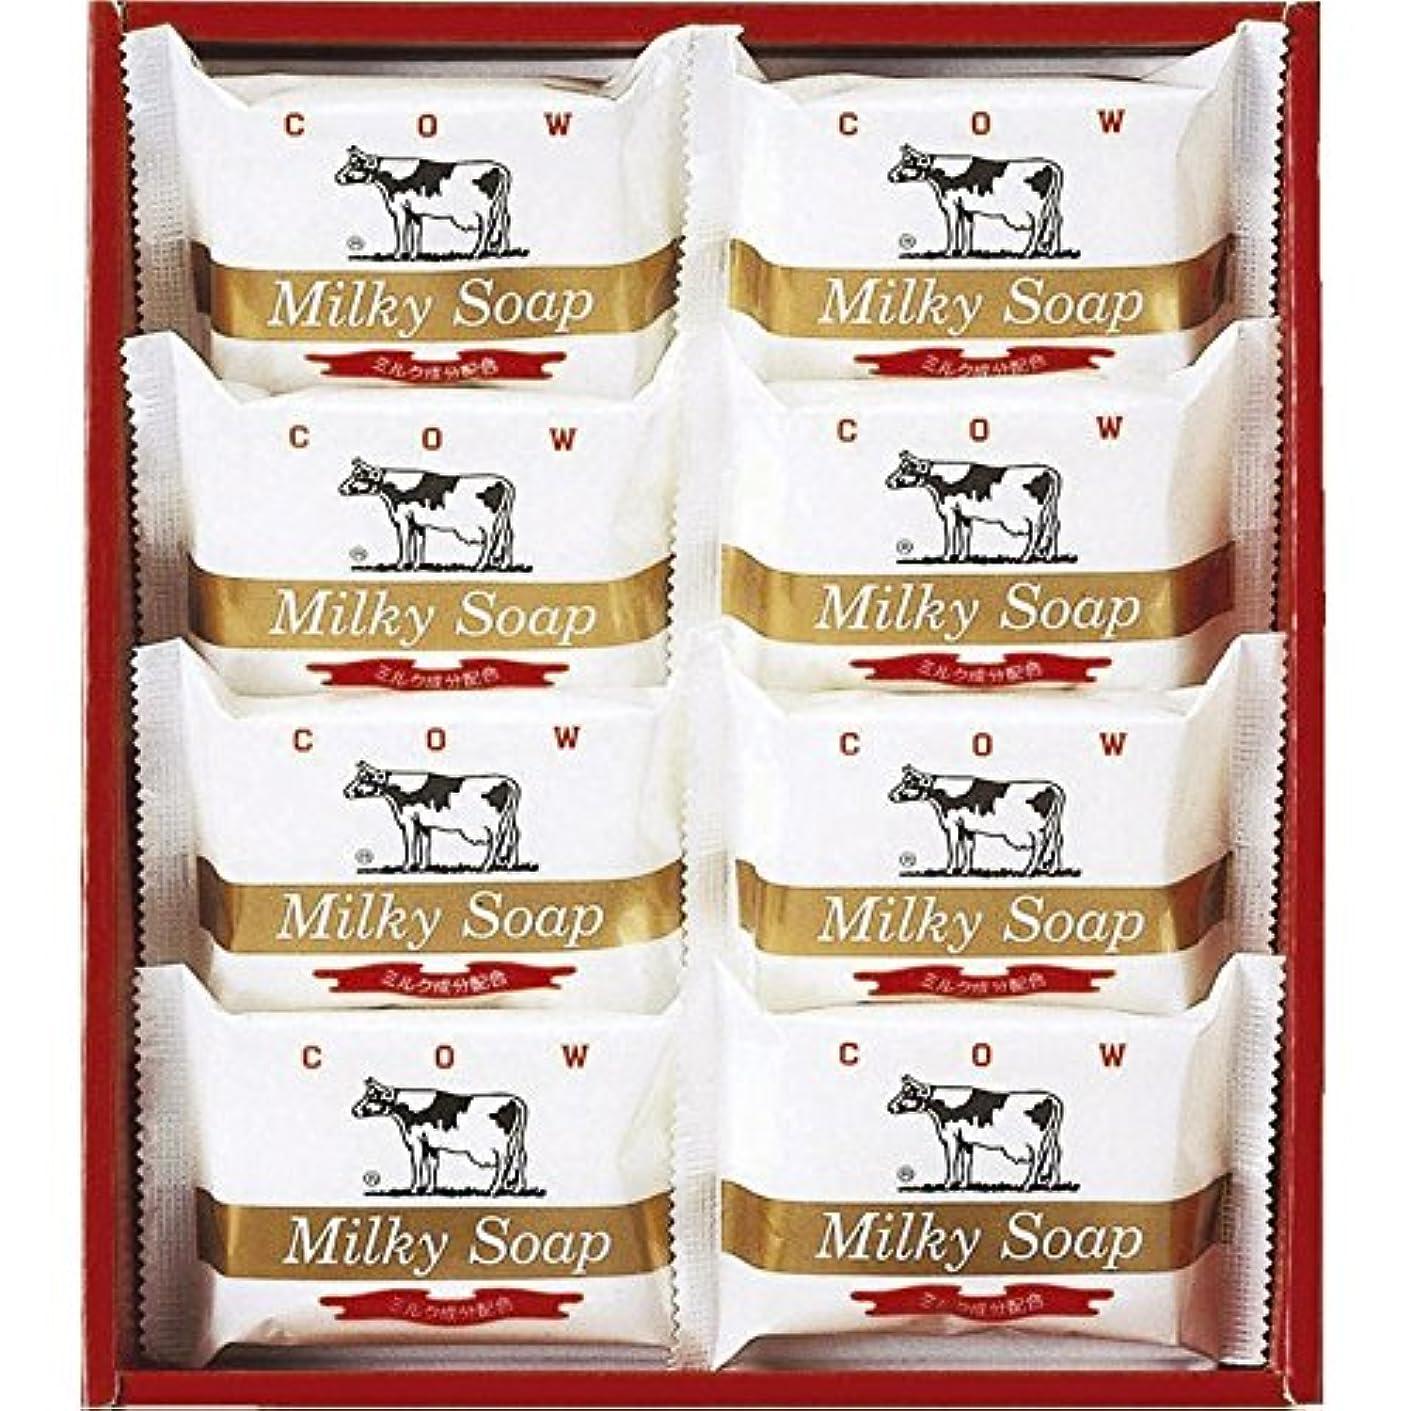 牛乳石鹸 ゴールドソープセット 【固形 ギフト せっけん あわ いい香り いい匂い うるおい プレゼント お風呂 かおり からだ きれい つめあわせ かうぶらんど 1000】